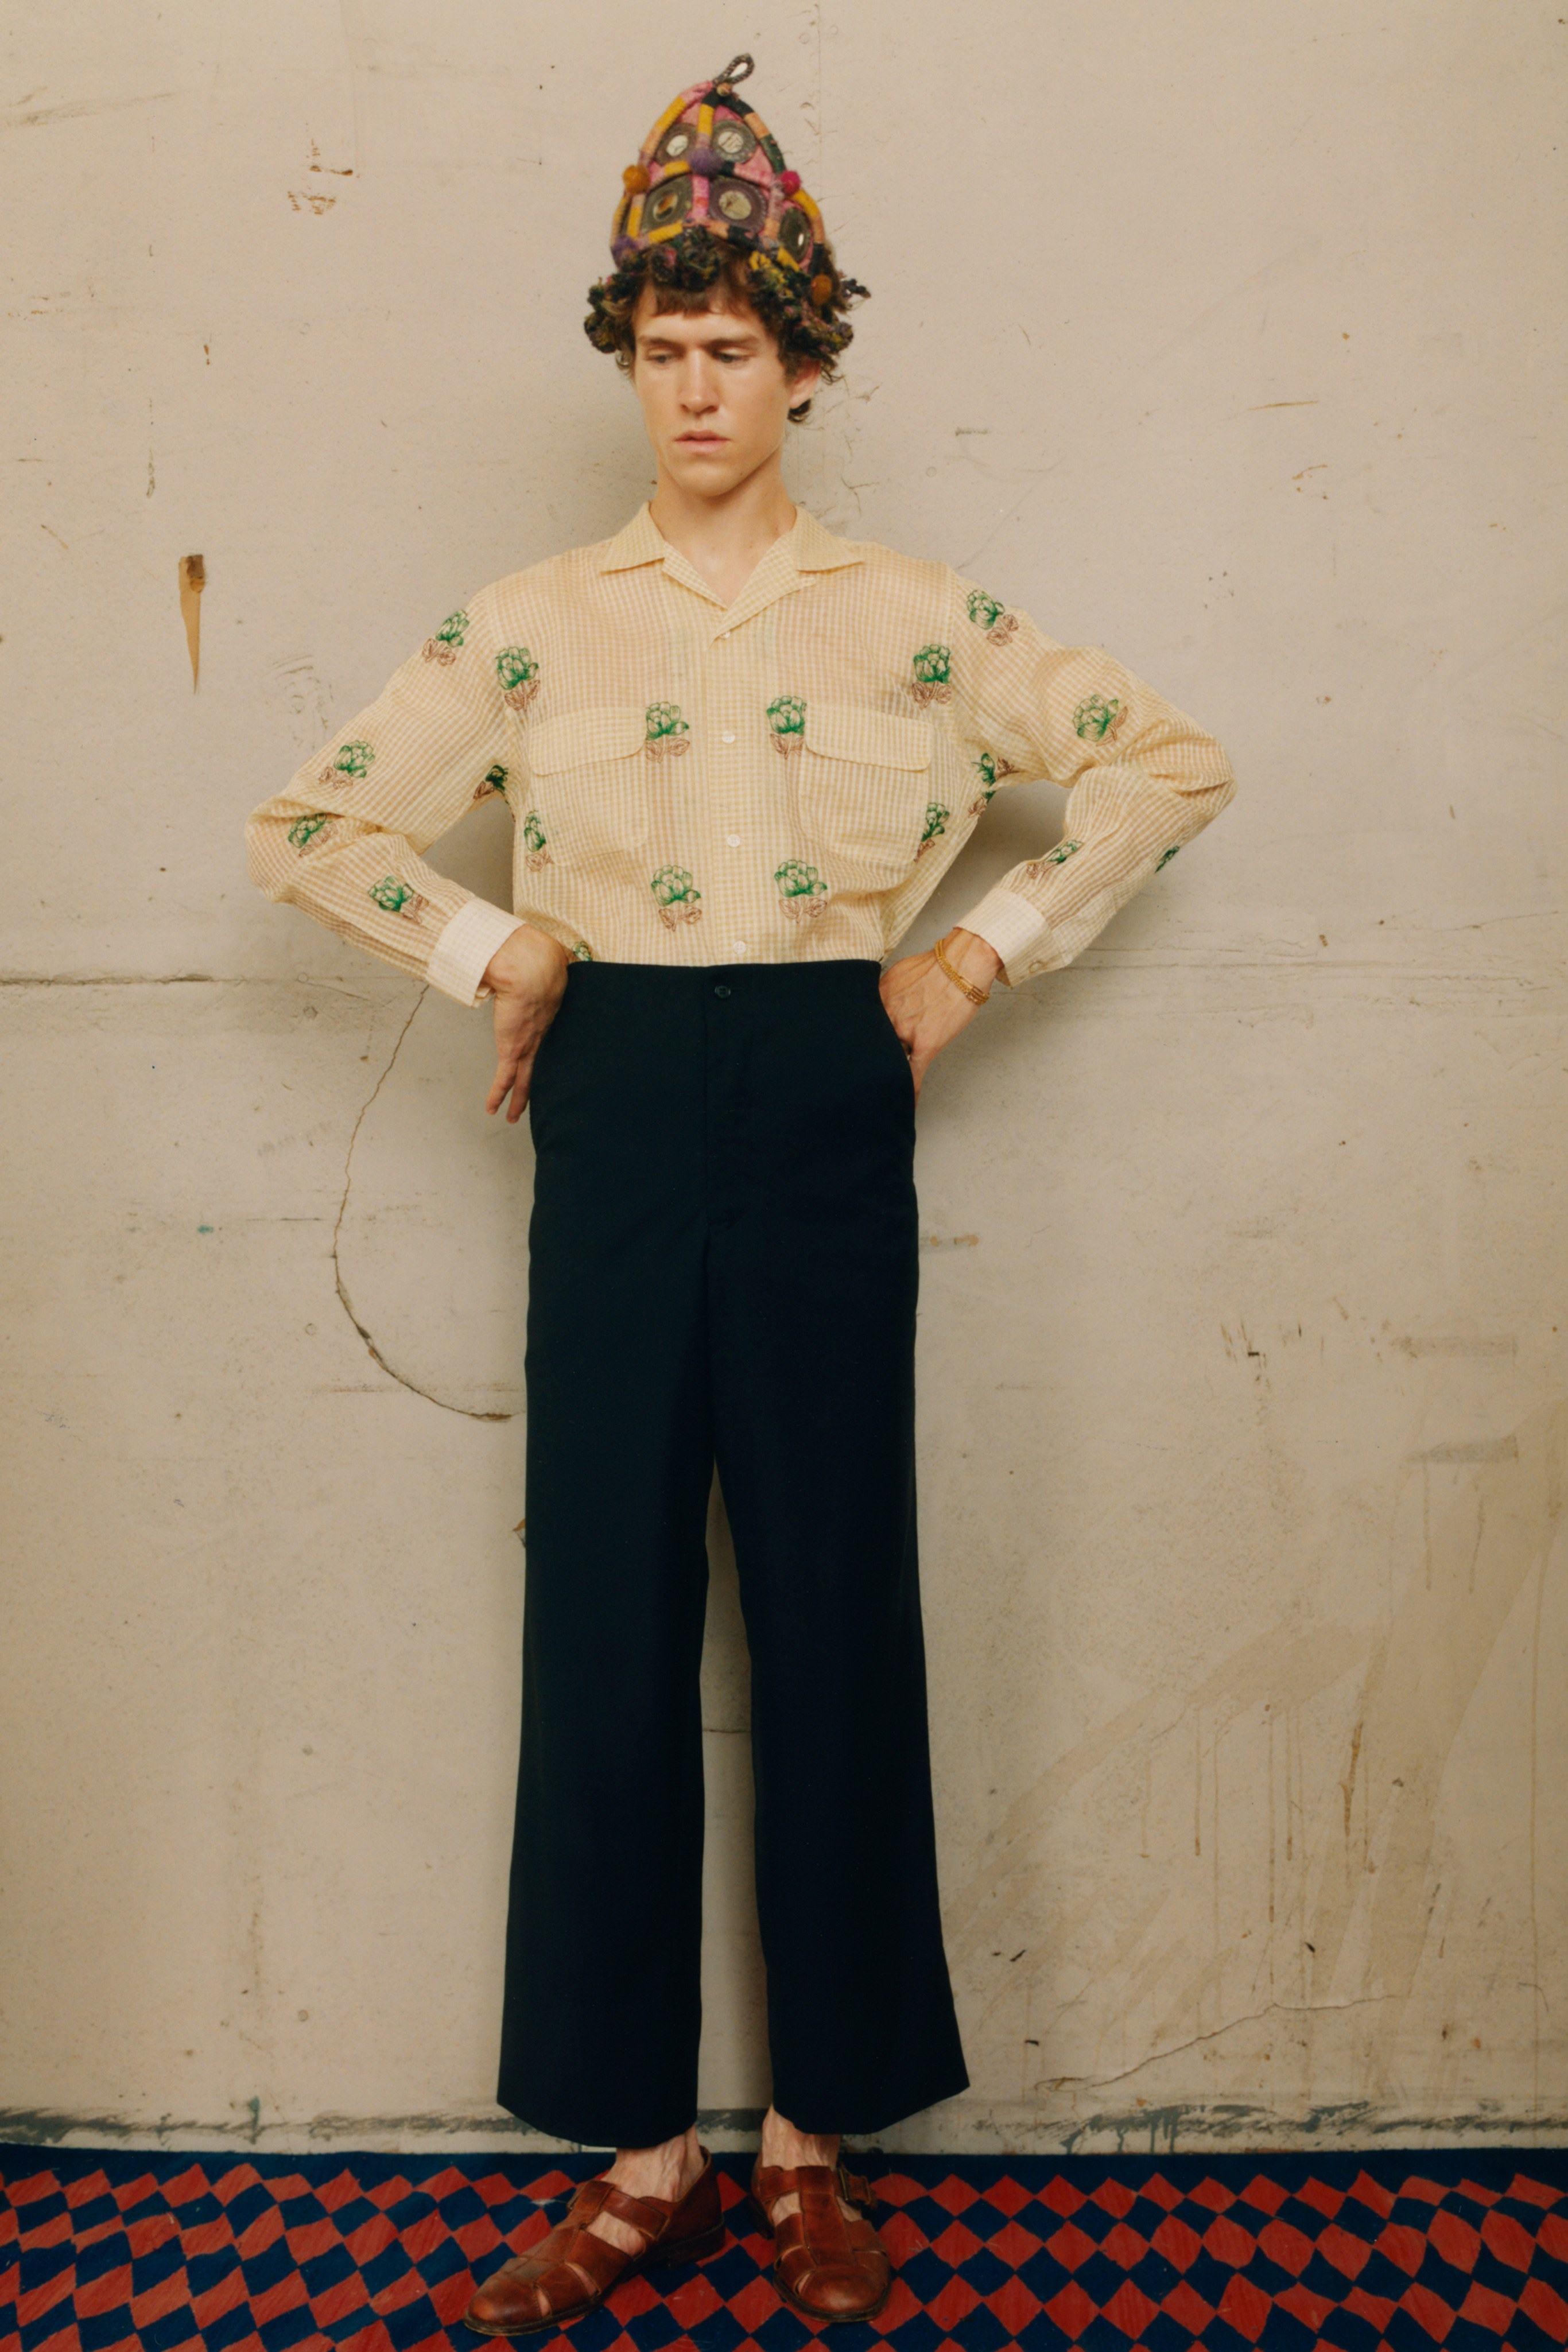 IGNANT-Fashion-Emily-Adams-Bode-22